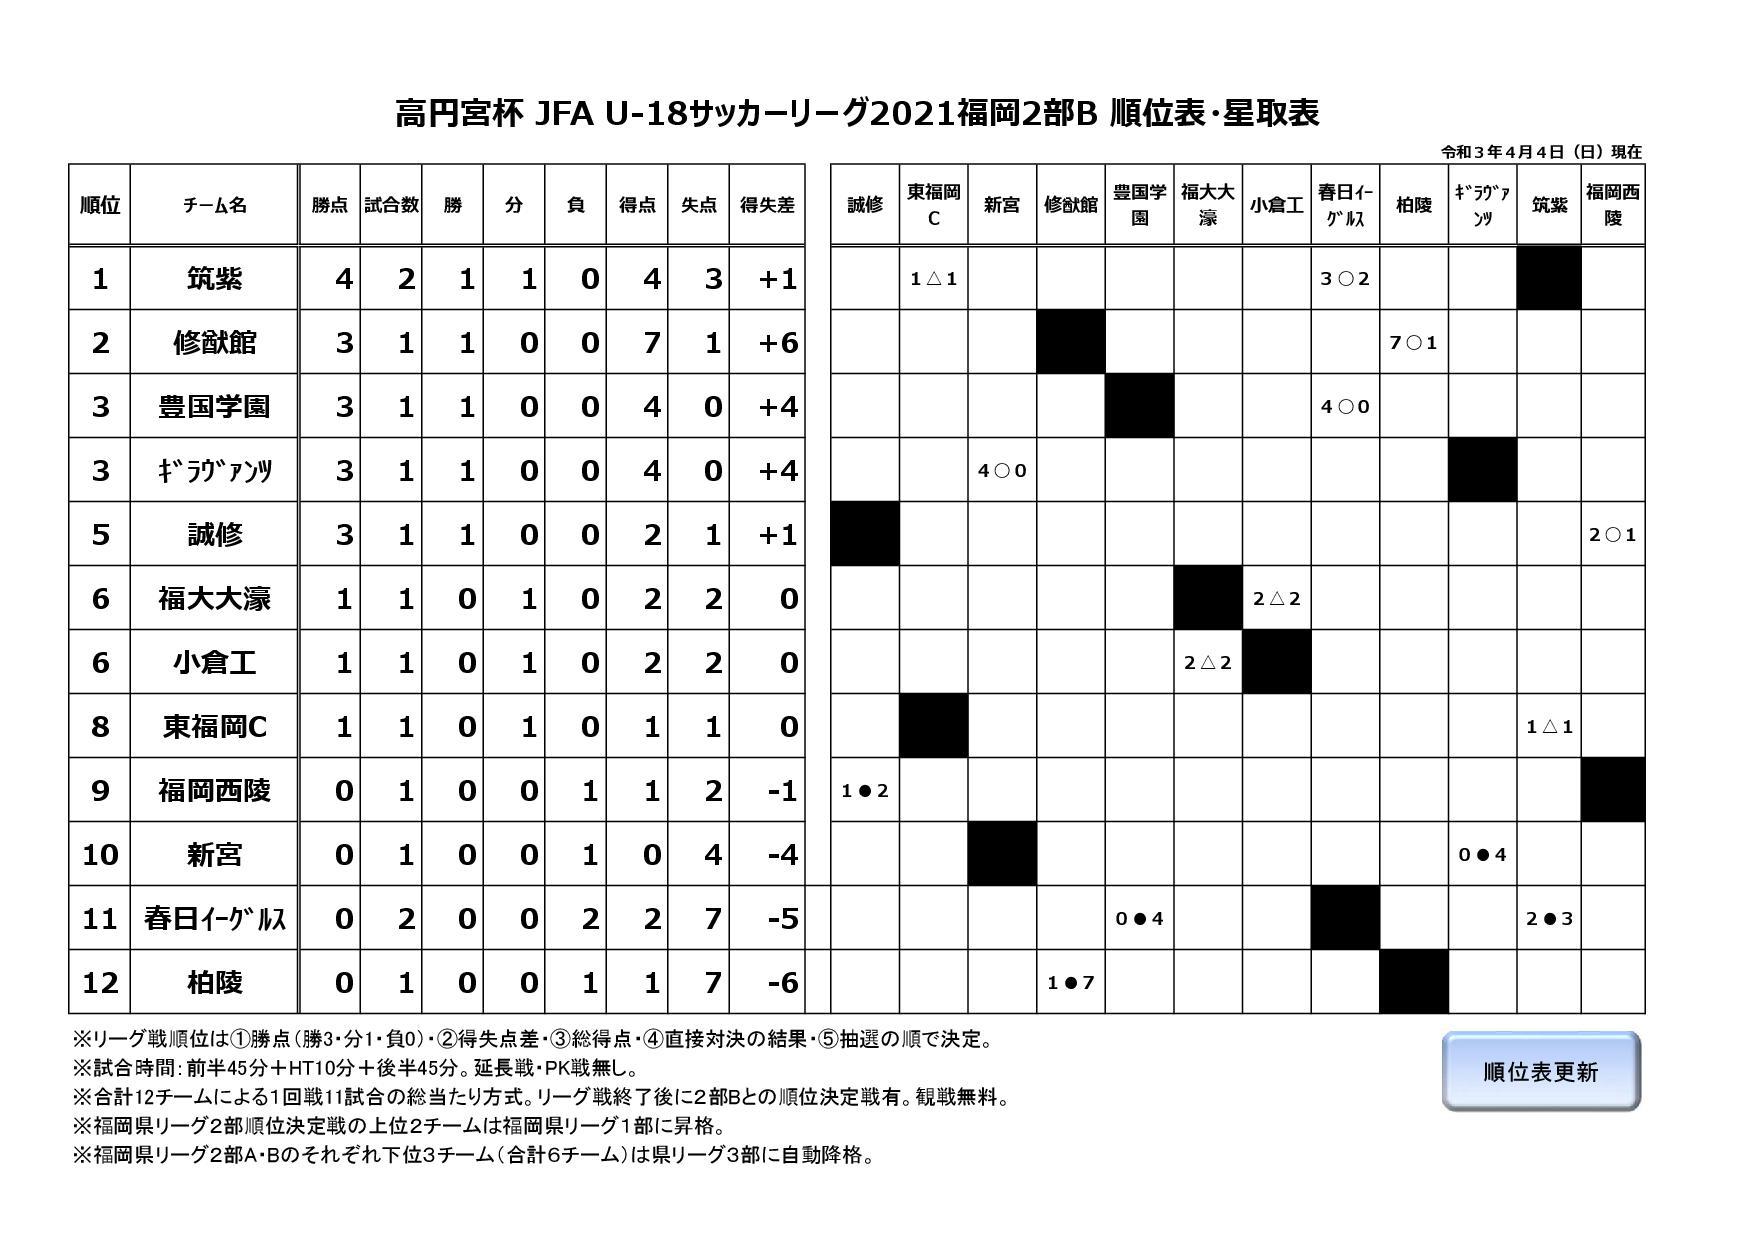 高円宮杯 JFA U-18サッカーリーグ2021福岡2部B